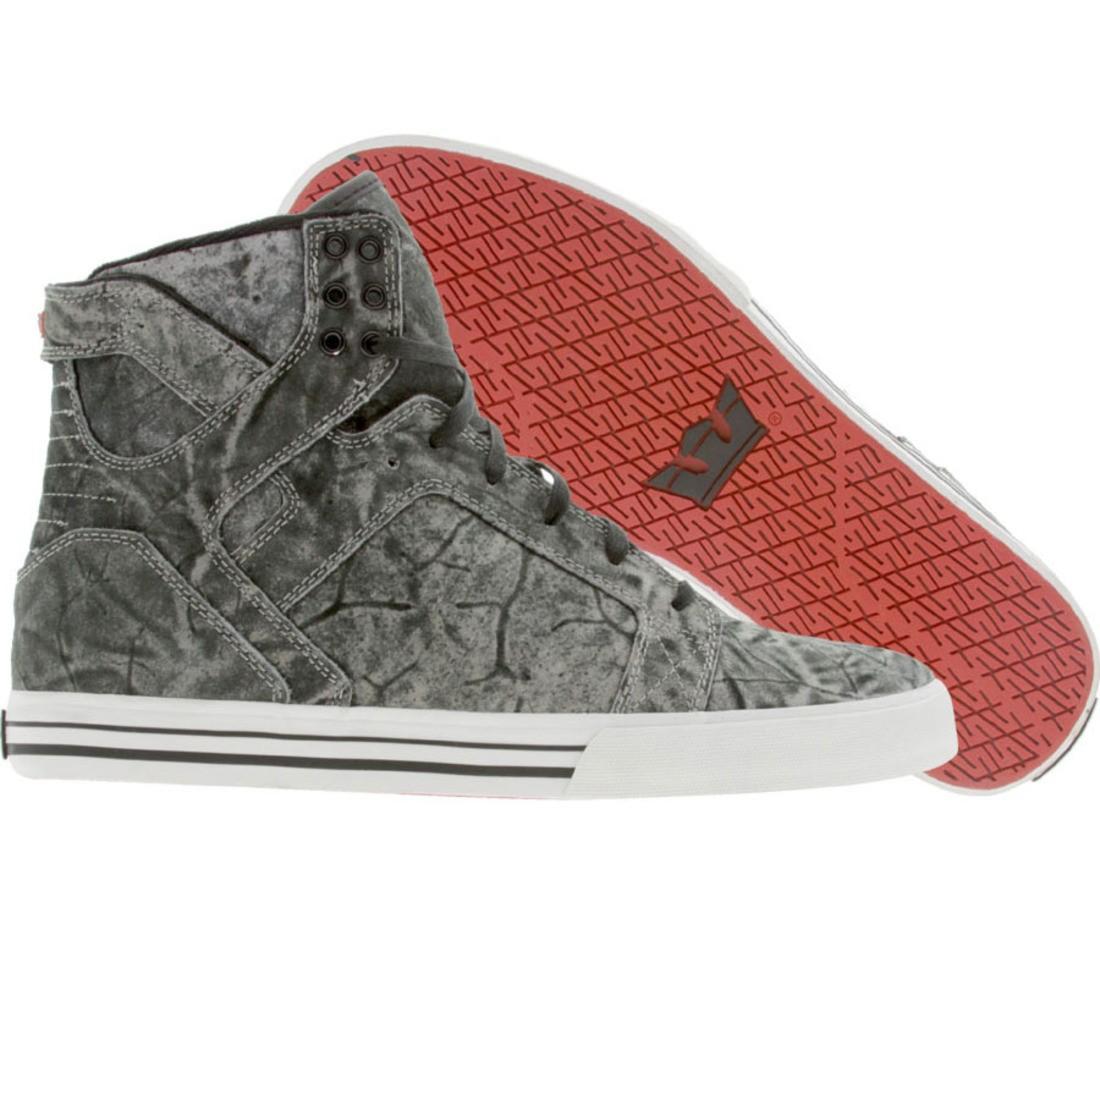 【海外限定】スープラ スカイトップ スニーカー メンズ靴 靴 【 SUPRA SKYTOP NS WILDLIFE 】【送料無料】